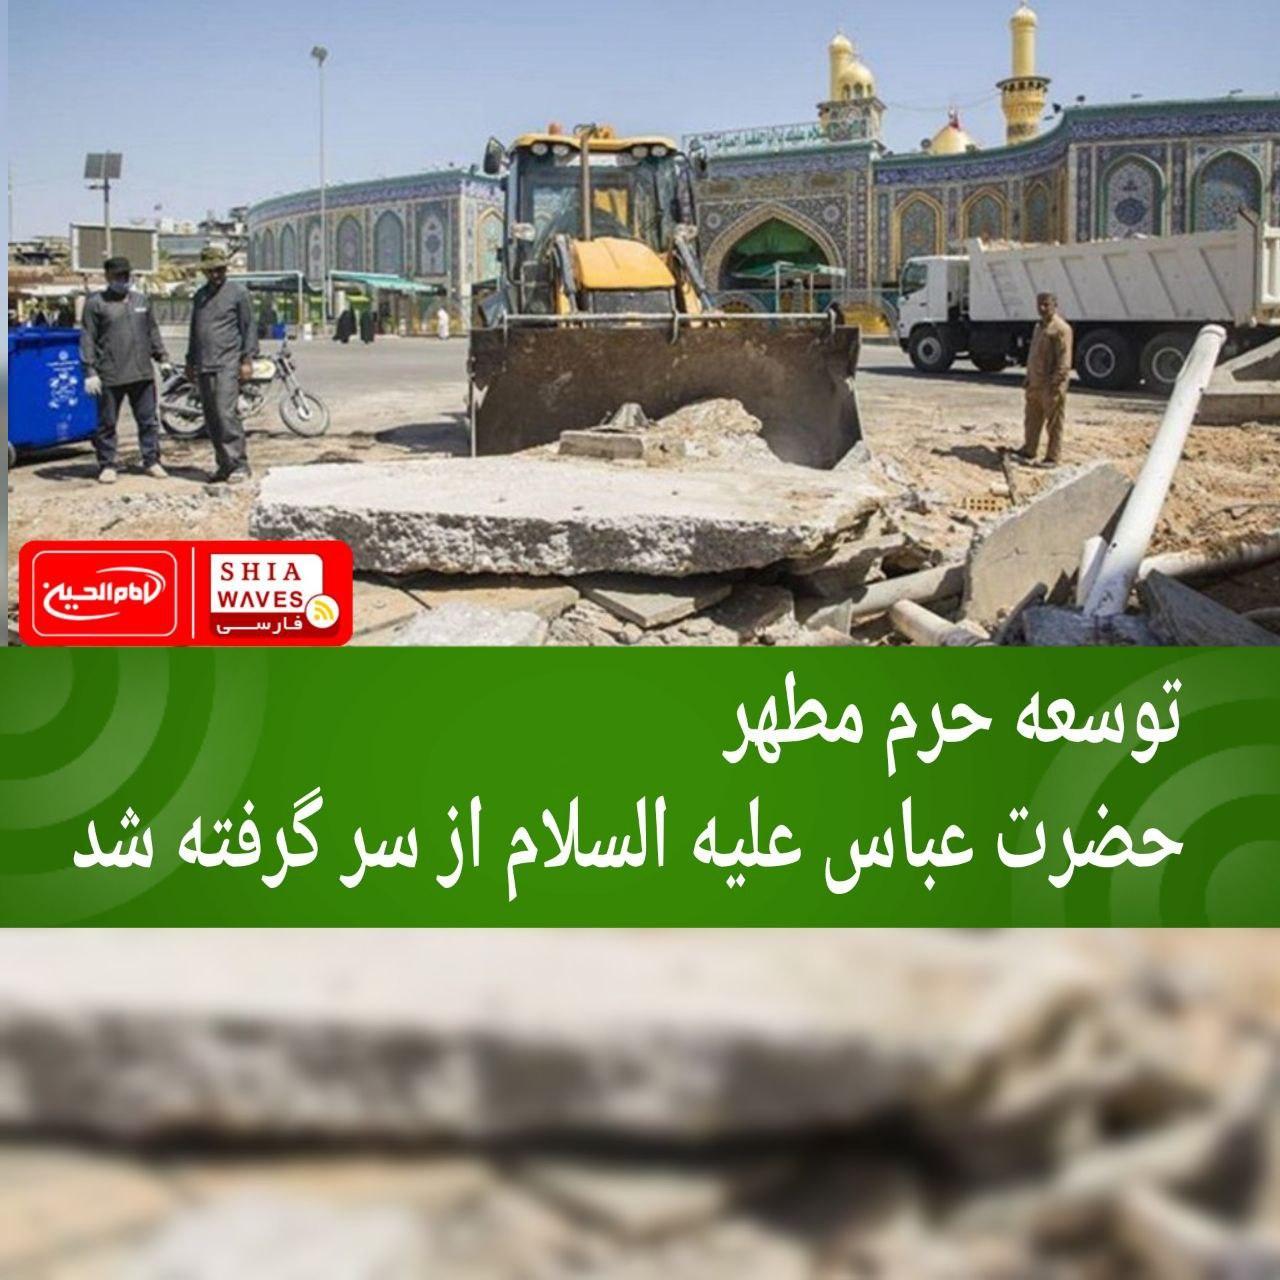 تصویر توسعه حرم مطهر حضرت عباس علیه السلام از سر گرفته شد